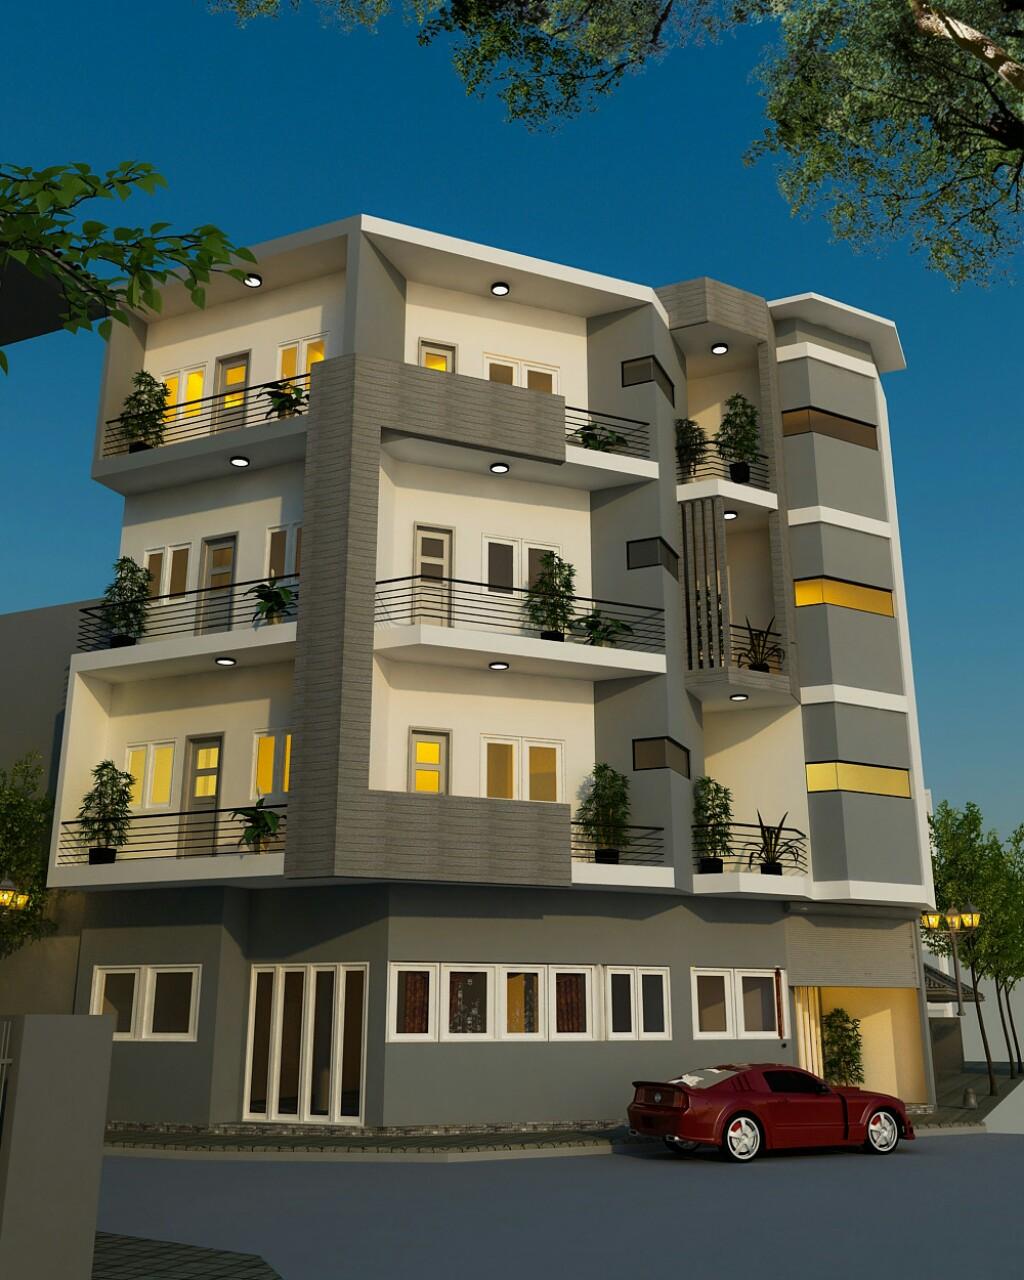 thiết kế Nhà 5 tầng tại Hà Nội Nhà trọ cho thuê 4 1551328089